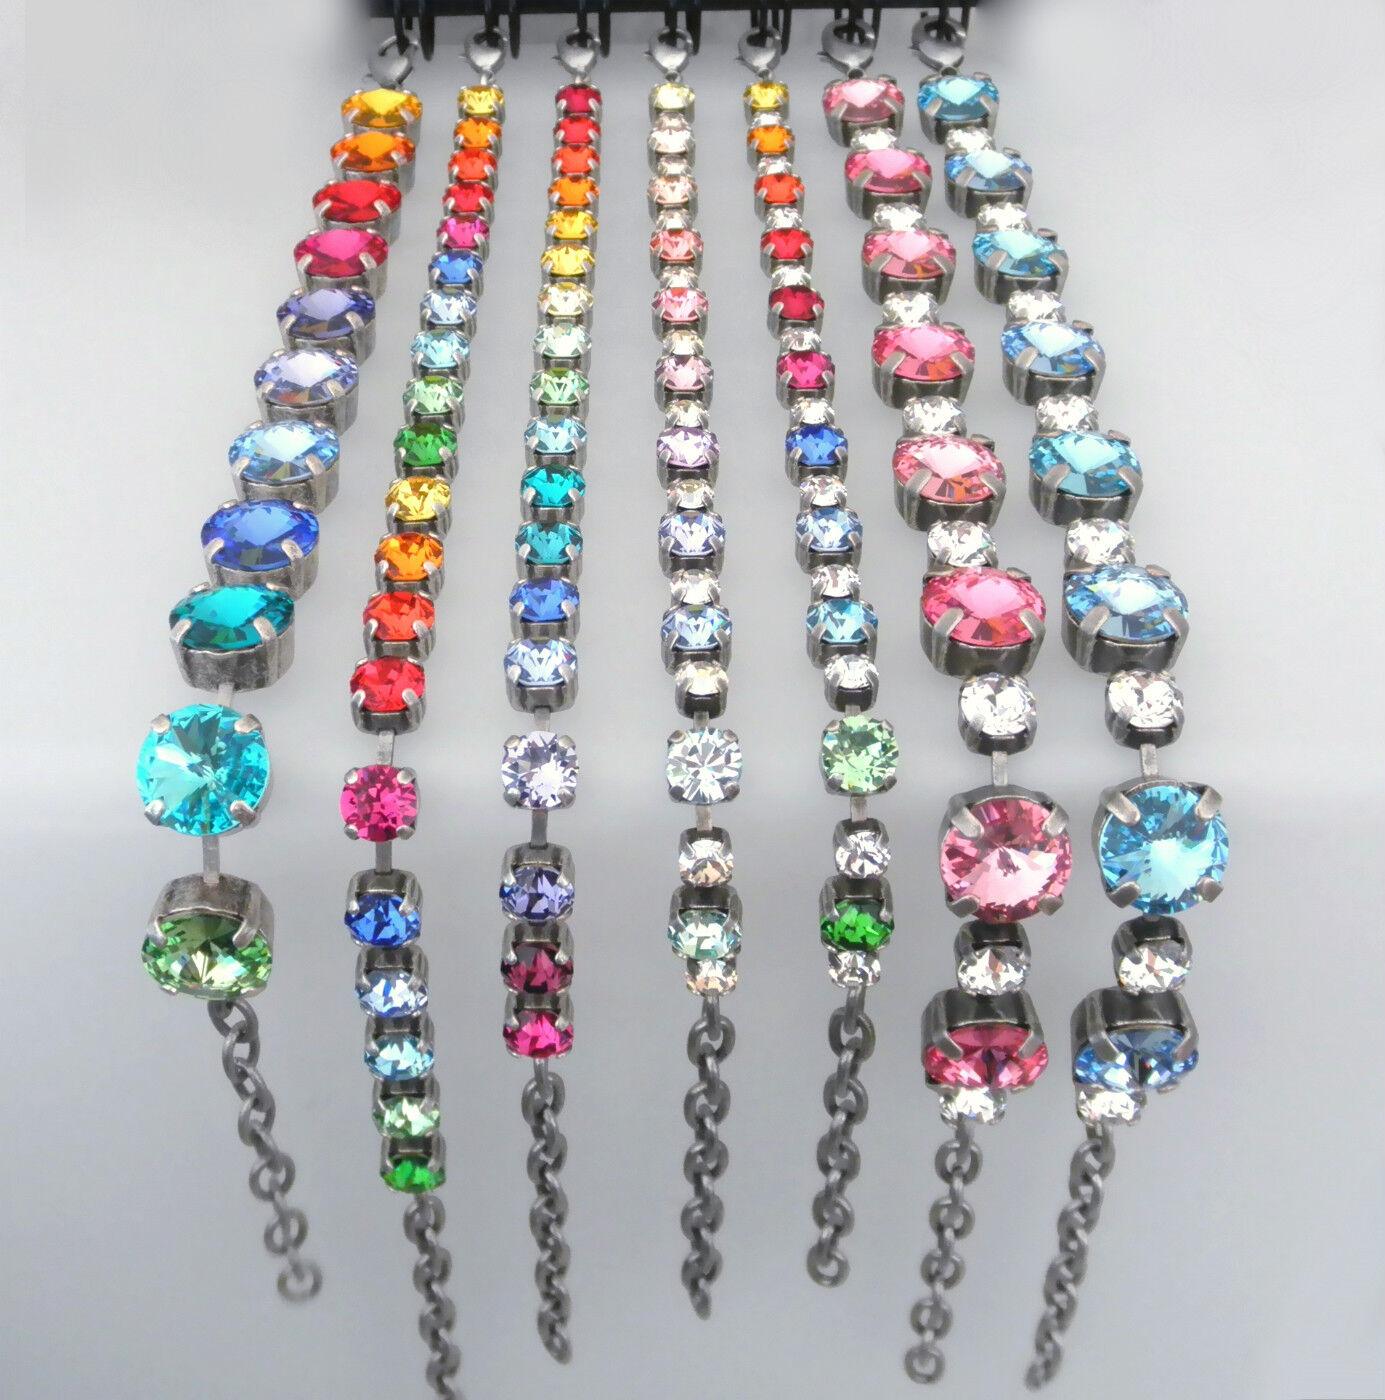 Strass-Armband (alt-)versilbert besetzt mit Swarovski® Kristallen - farbig